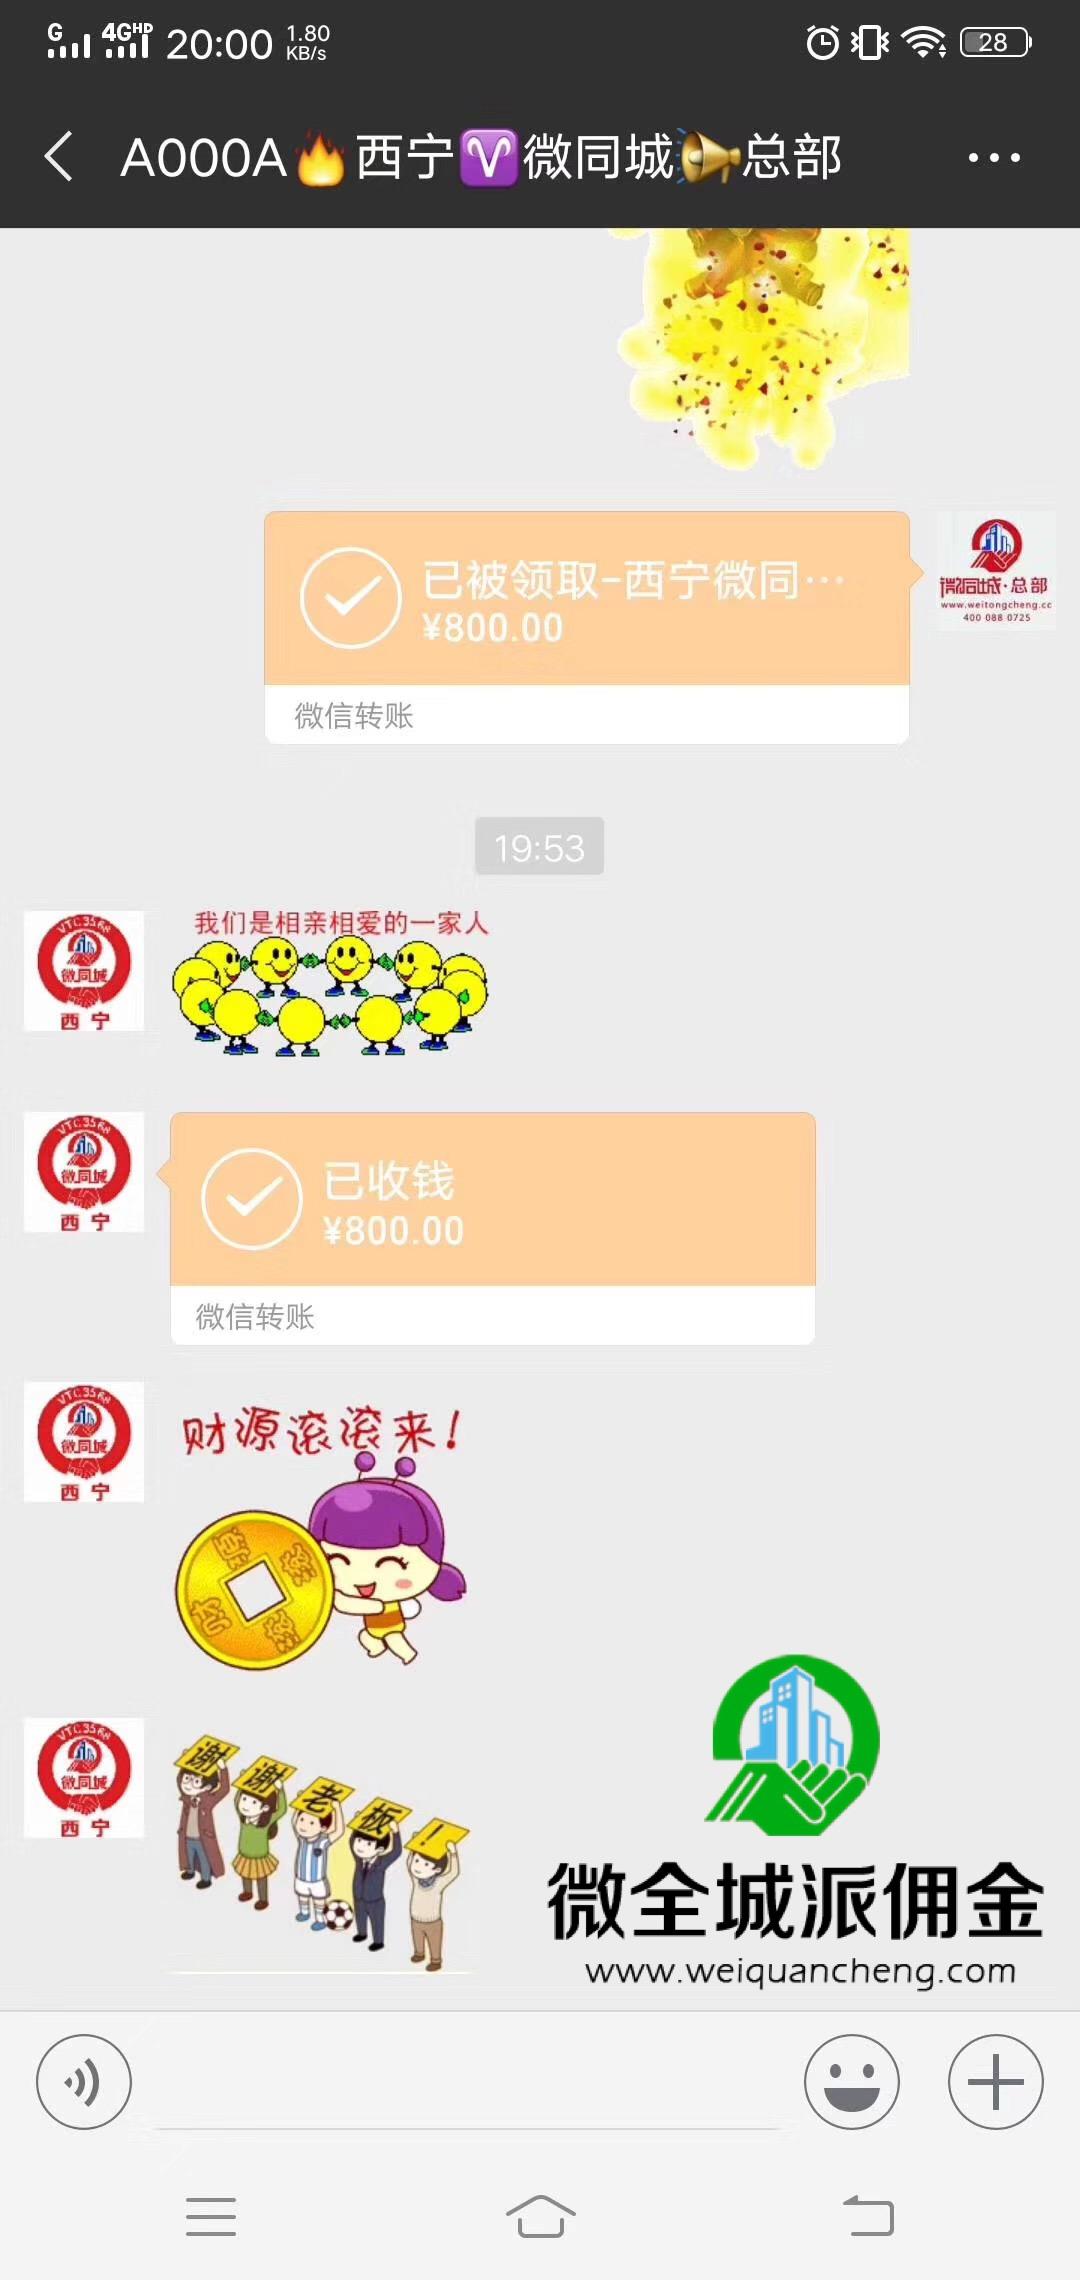 【赚800元】西宁微全城微帮广告佣金